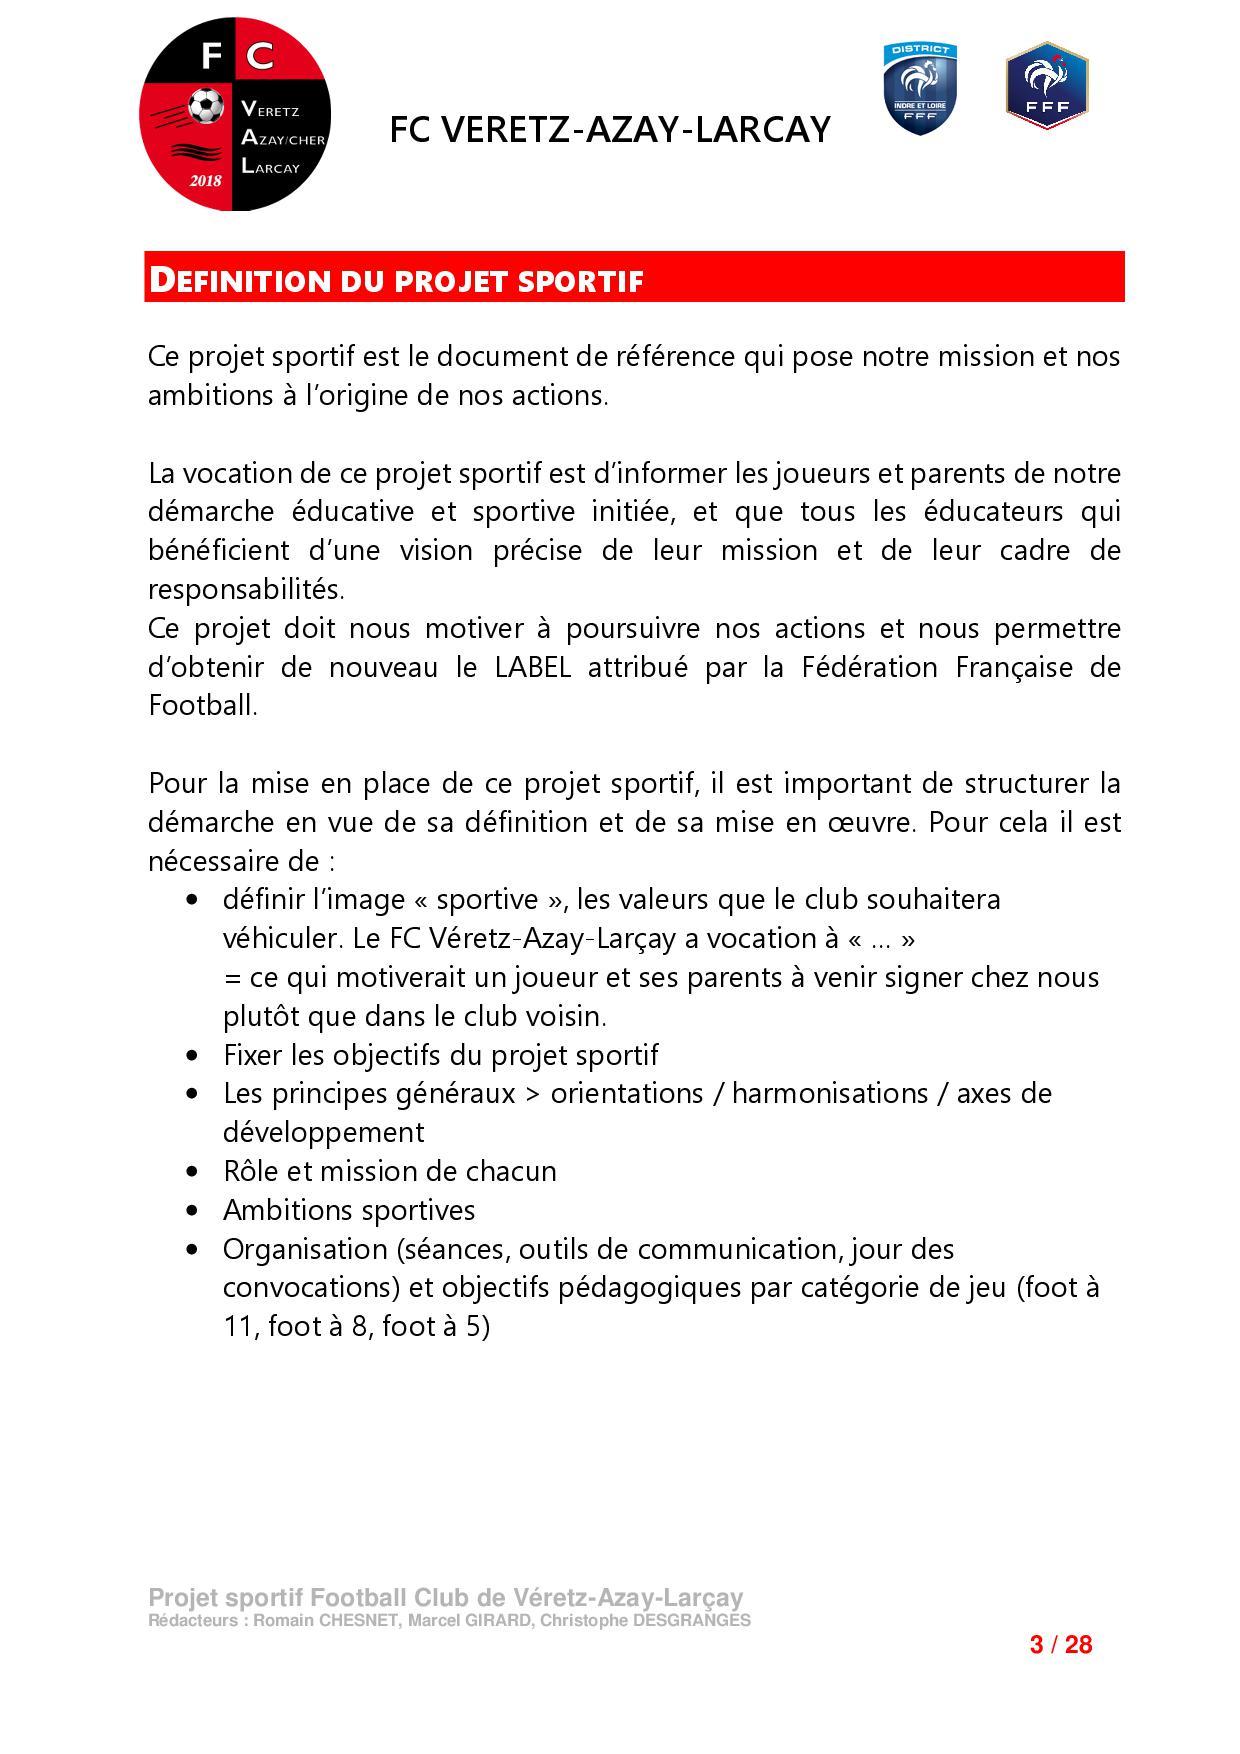 projet_sportif_2017-202003.jpg